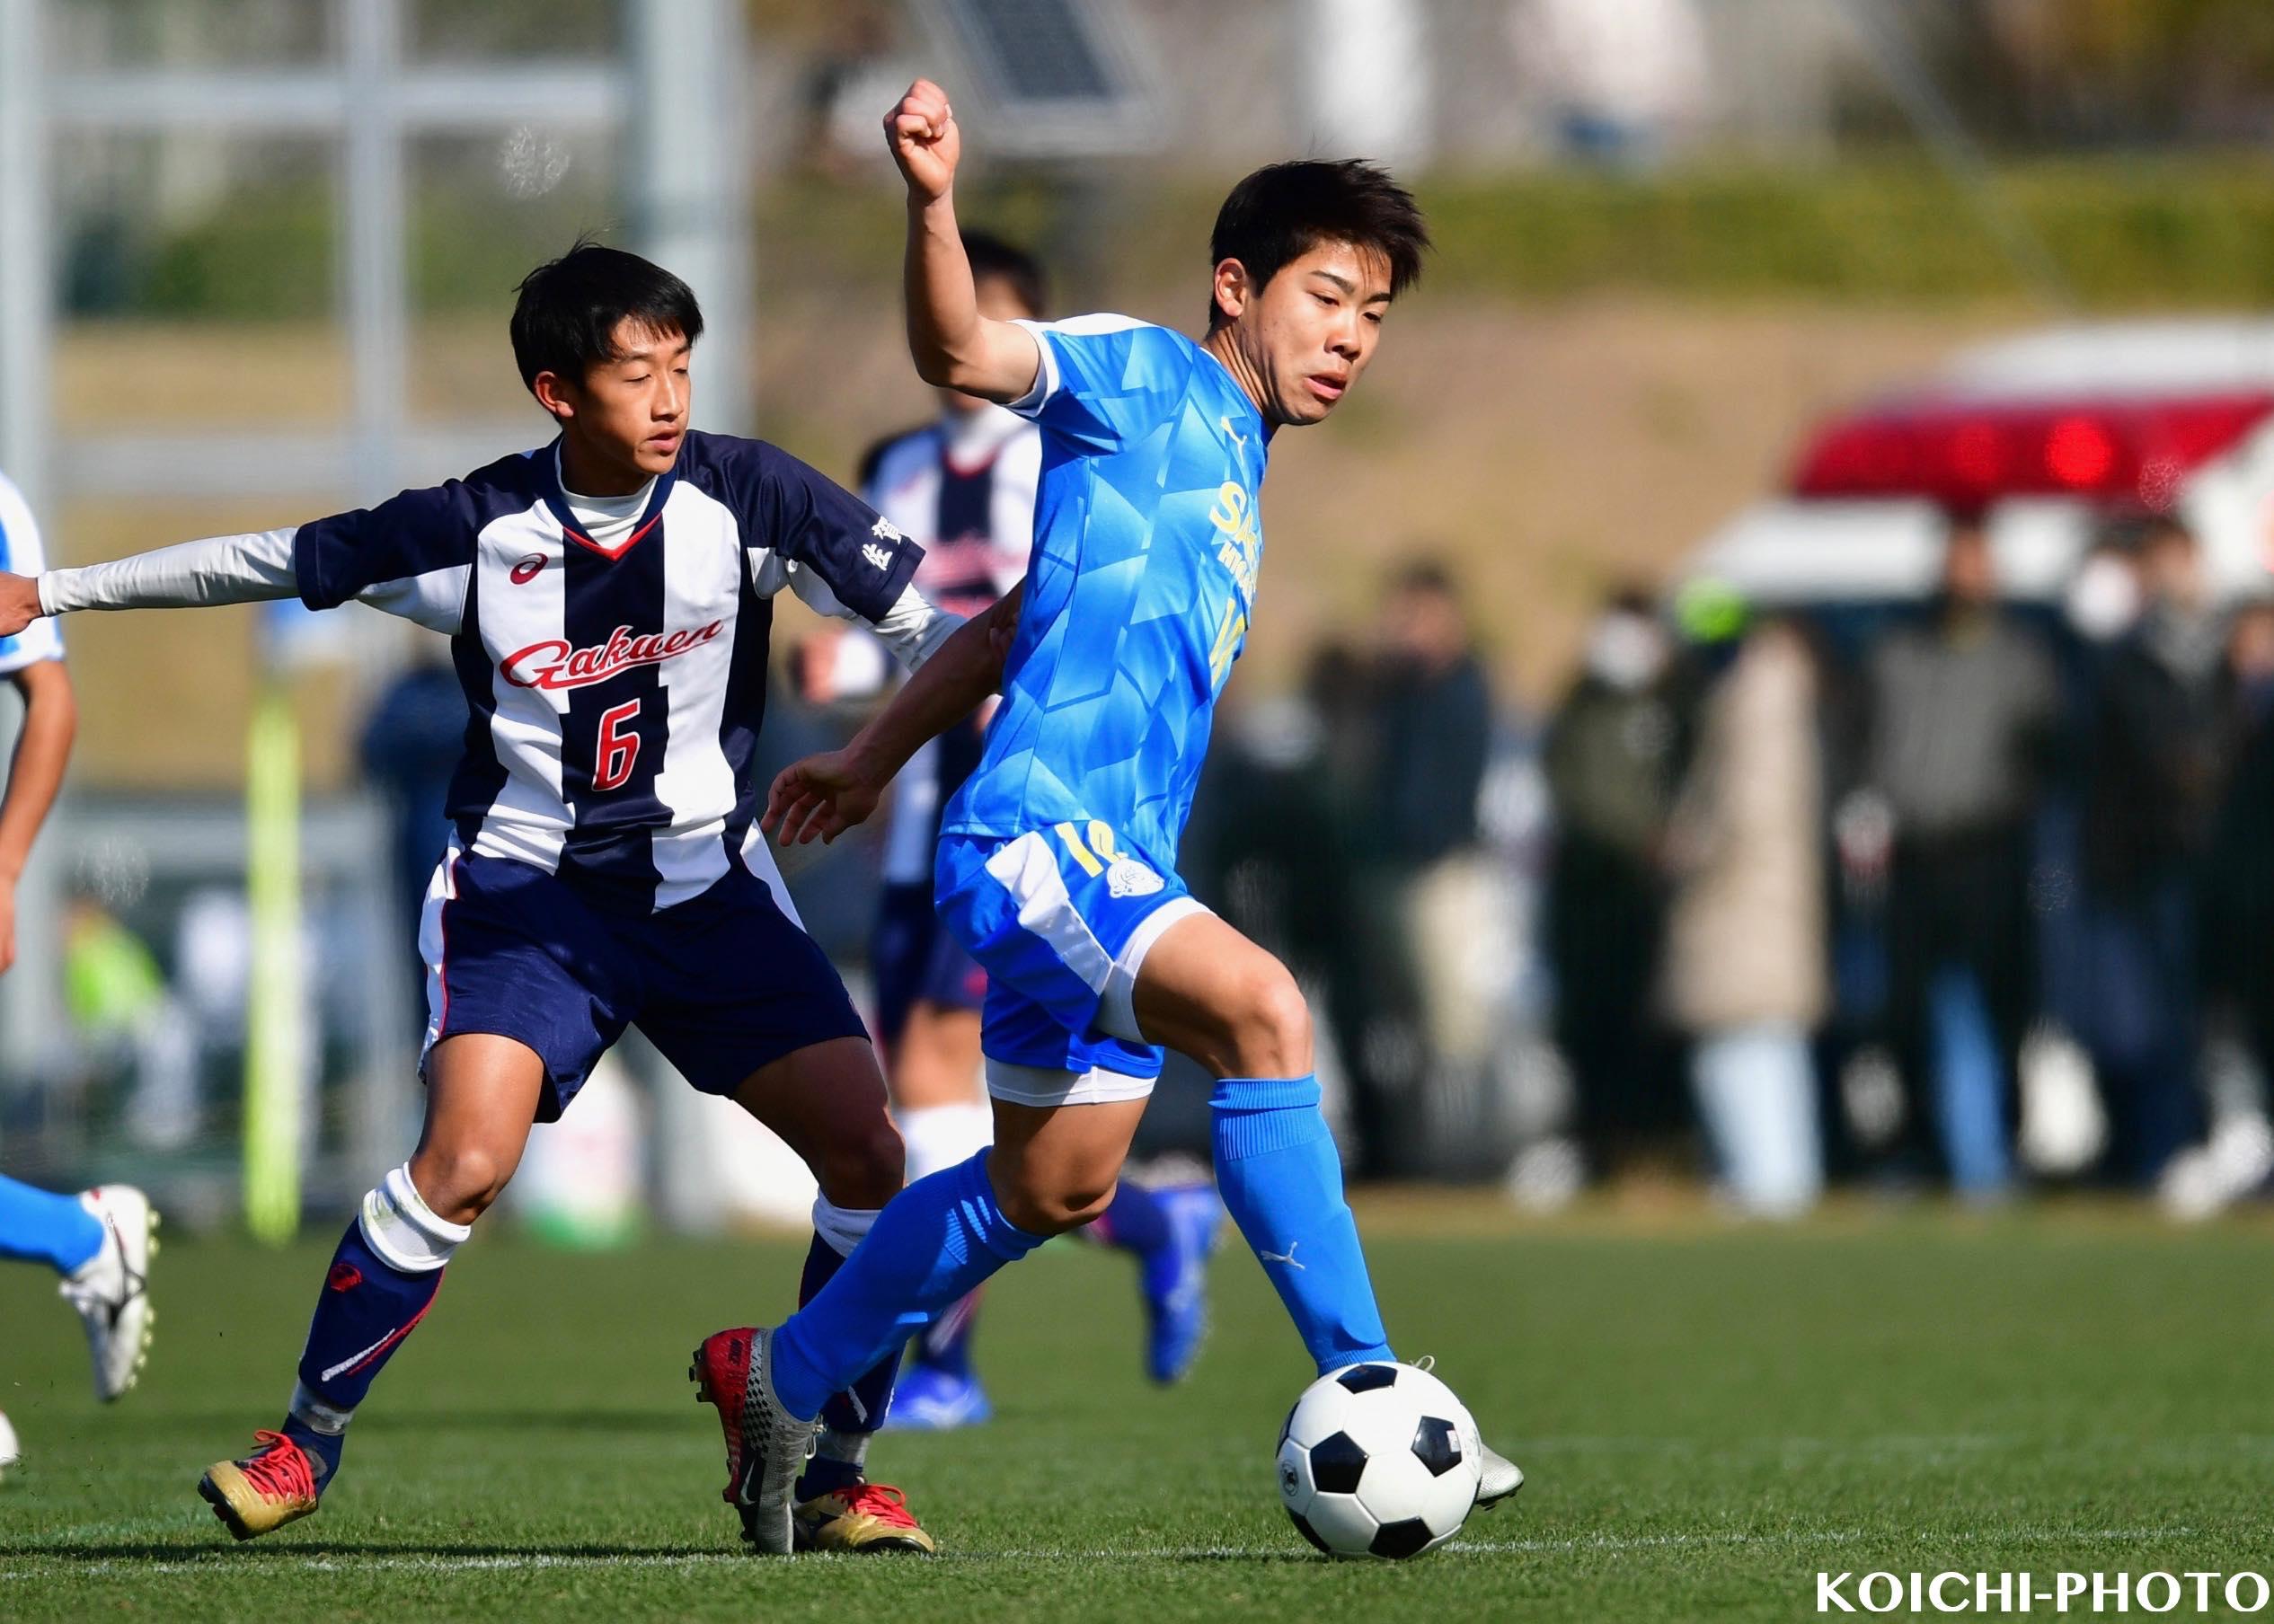 山口 県 高校 サッカー 新人 戦 2021 山口8強が6日に準々決勝に挑む(高校サッカードットコム)